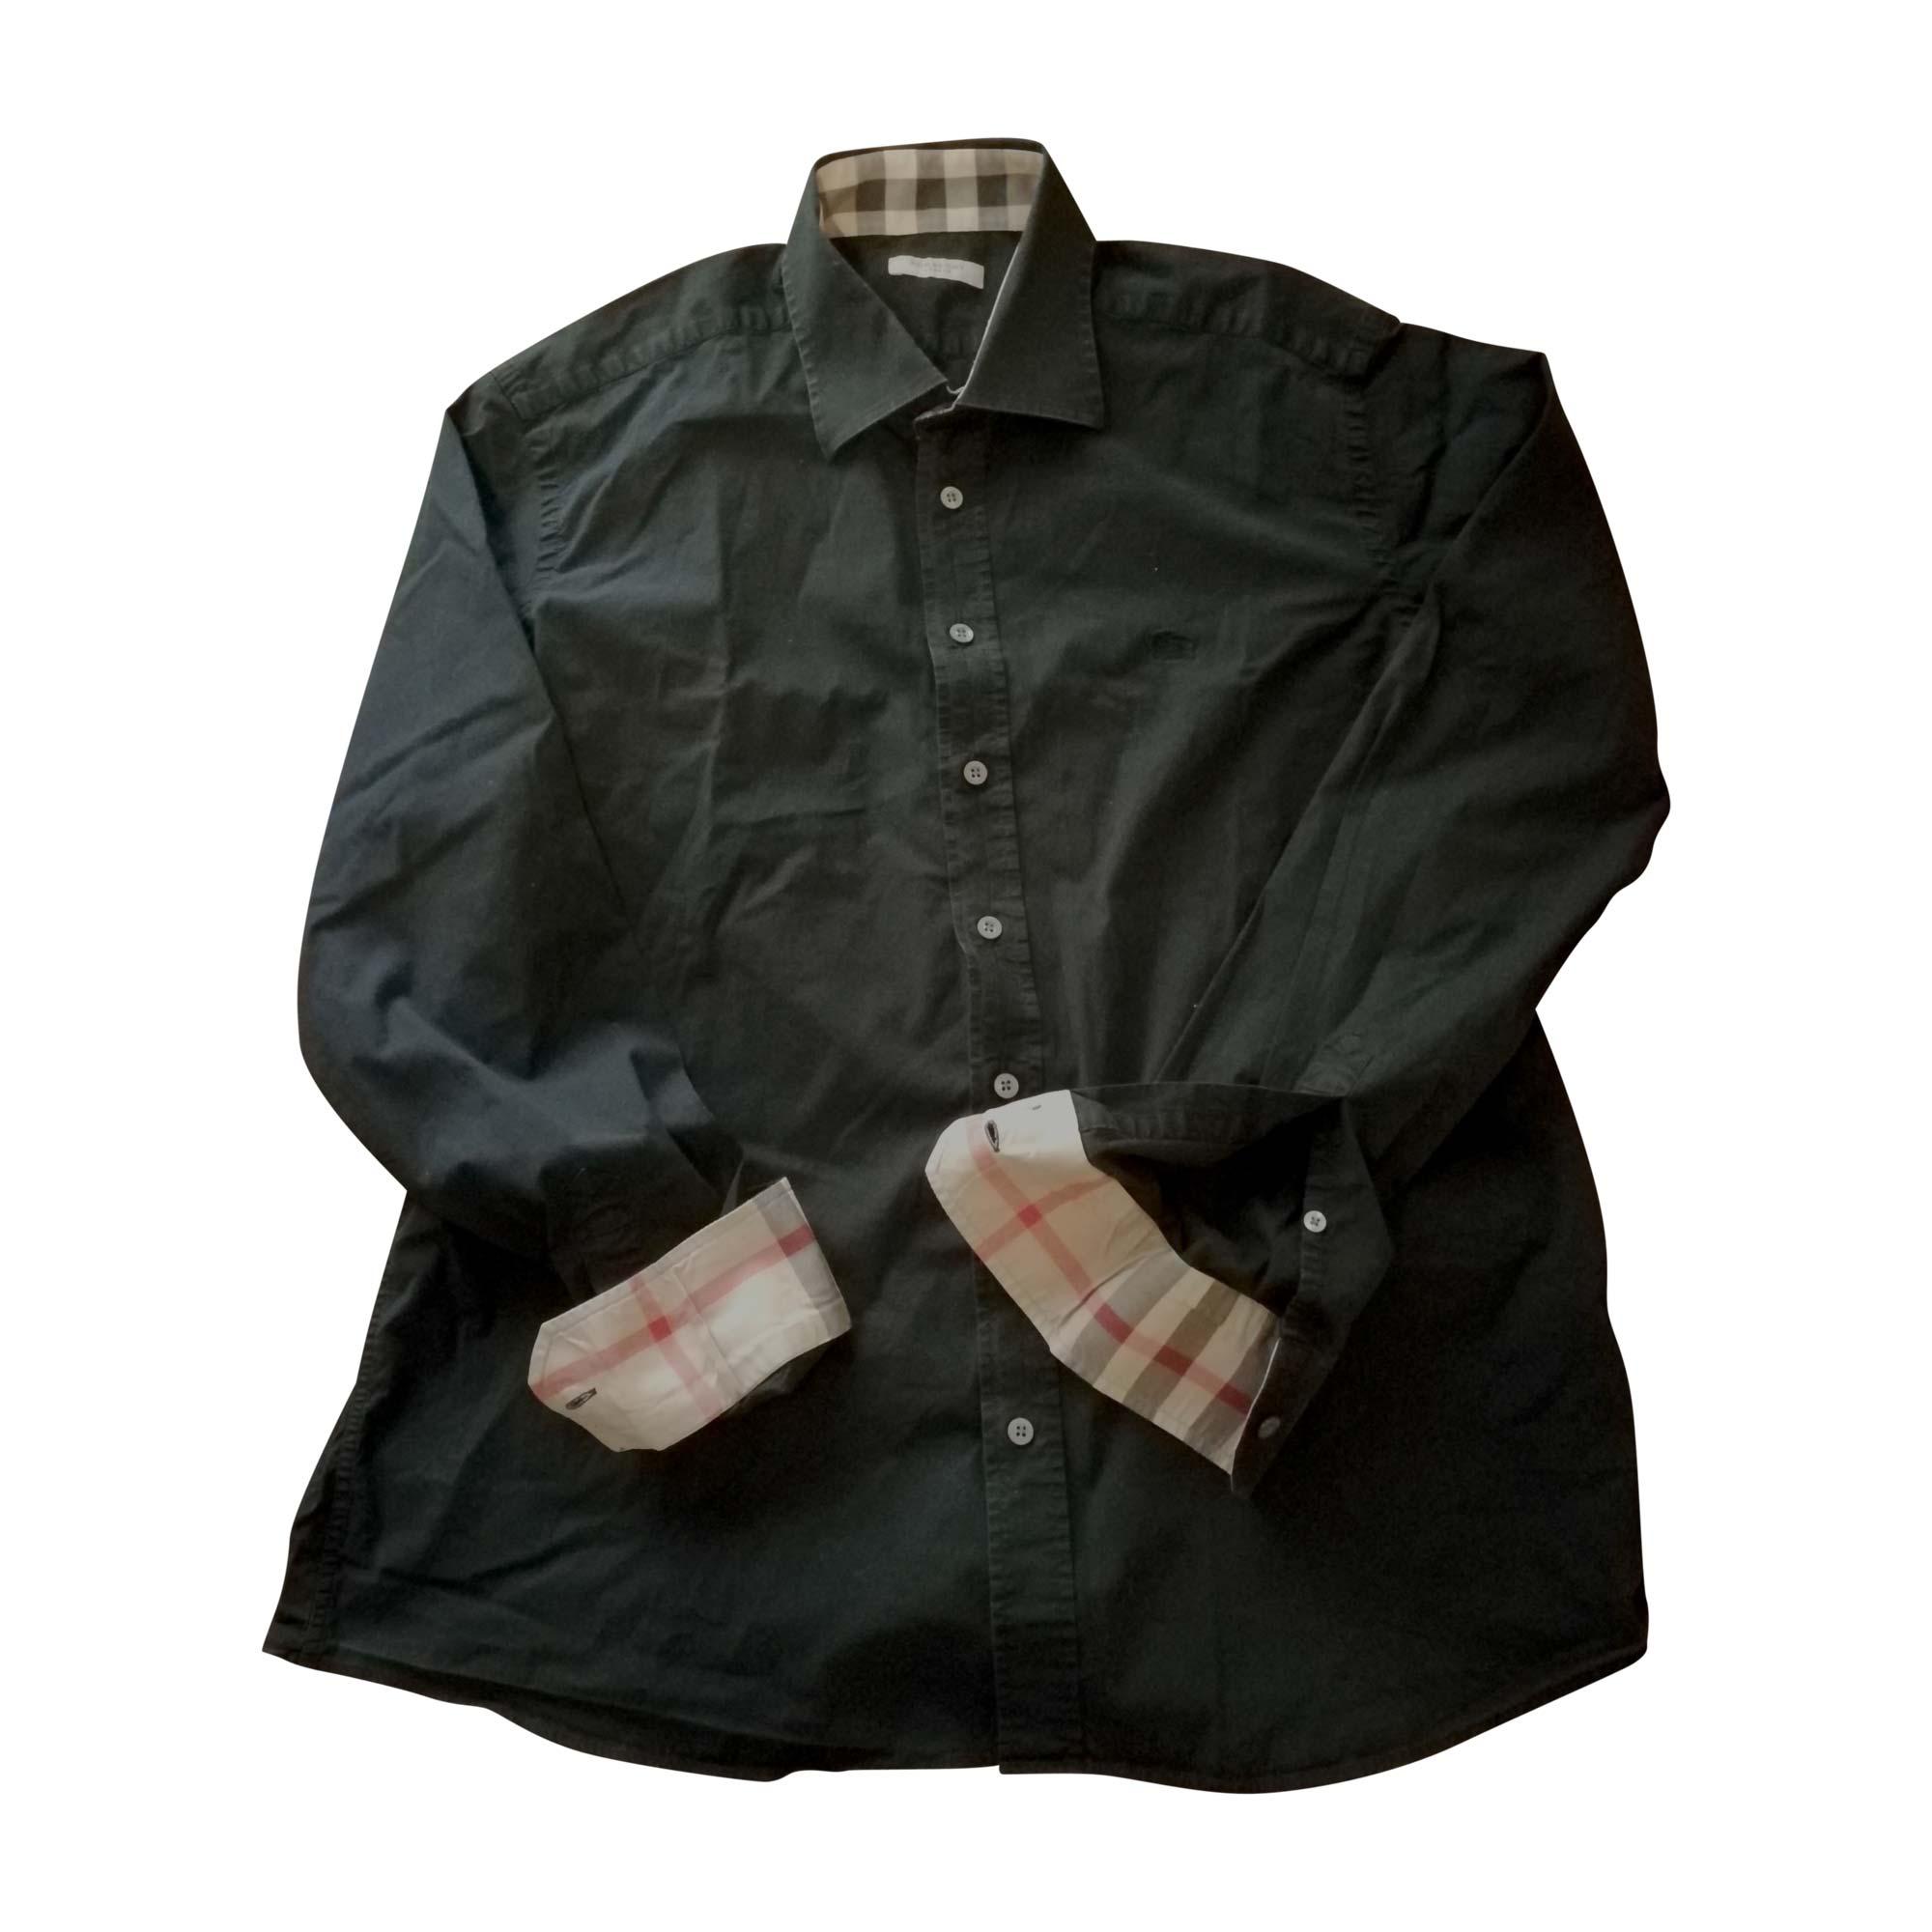 17c7f6c46df3c2 Vente burberry chemise noir Gatorade Daim Vert Pas Chers Livraison  gratuite, Basket de trs haute qualit. - homemedical.fr